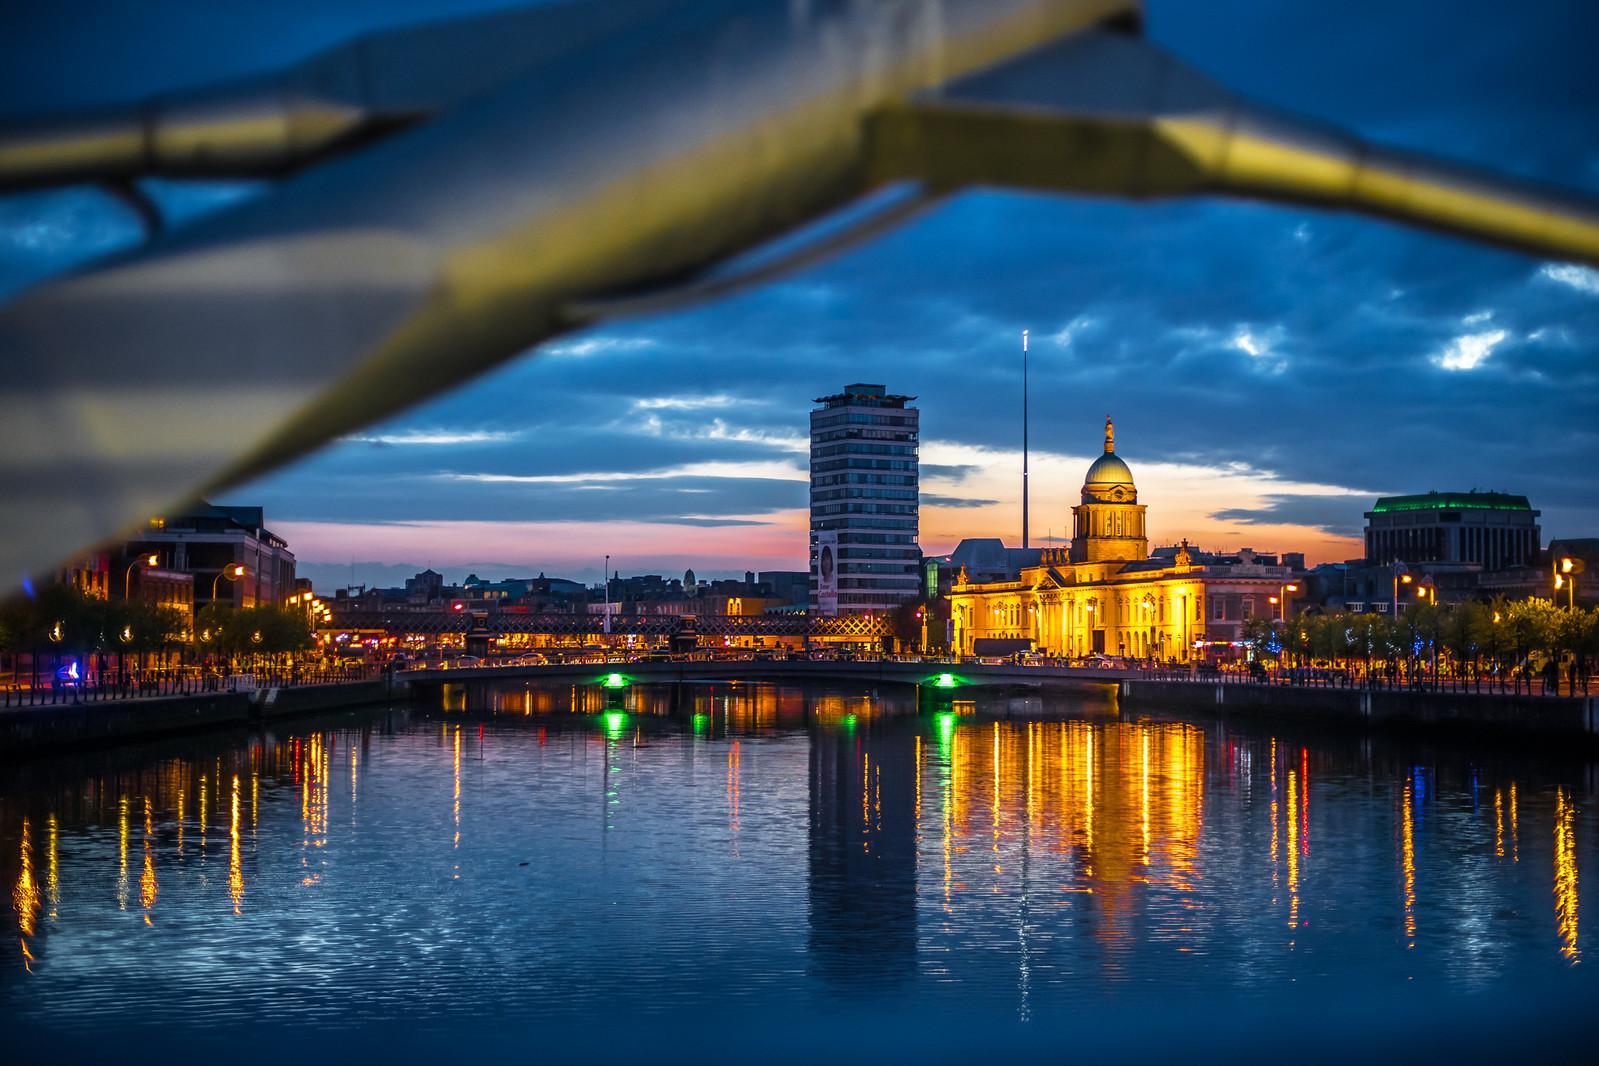 The Custom House at sunset, Dublin, Ireland